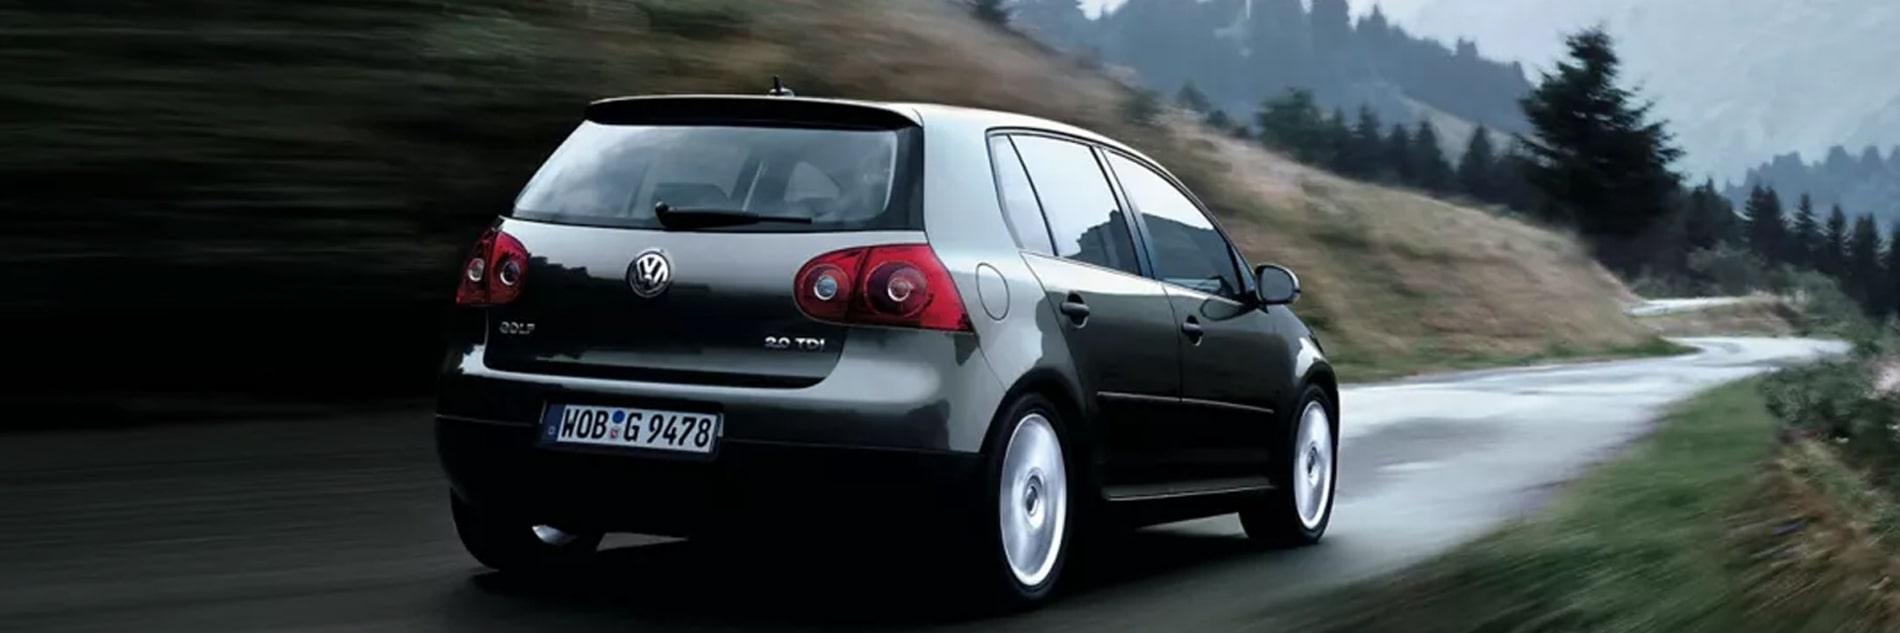 Volkswagen-paketa-service-economy-packs-autokinita-10-etwn-plus-1900x633